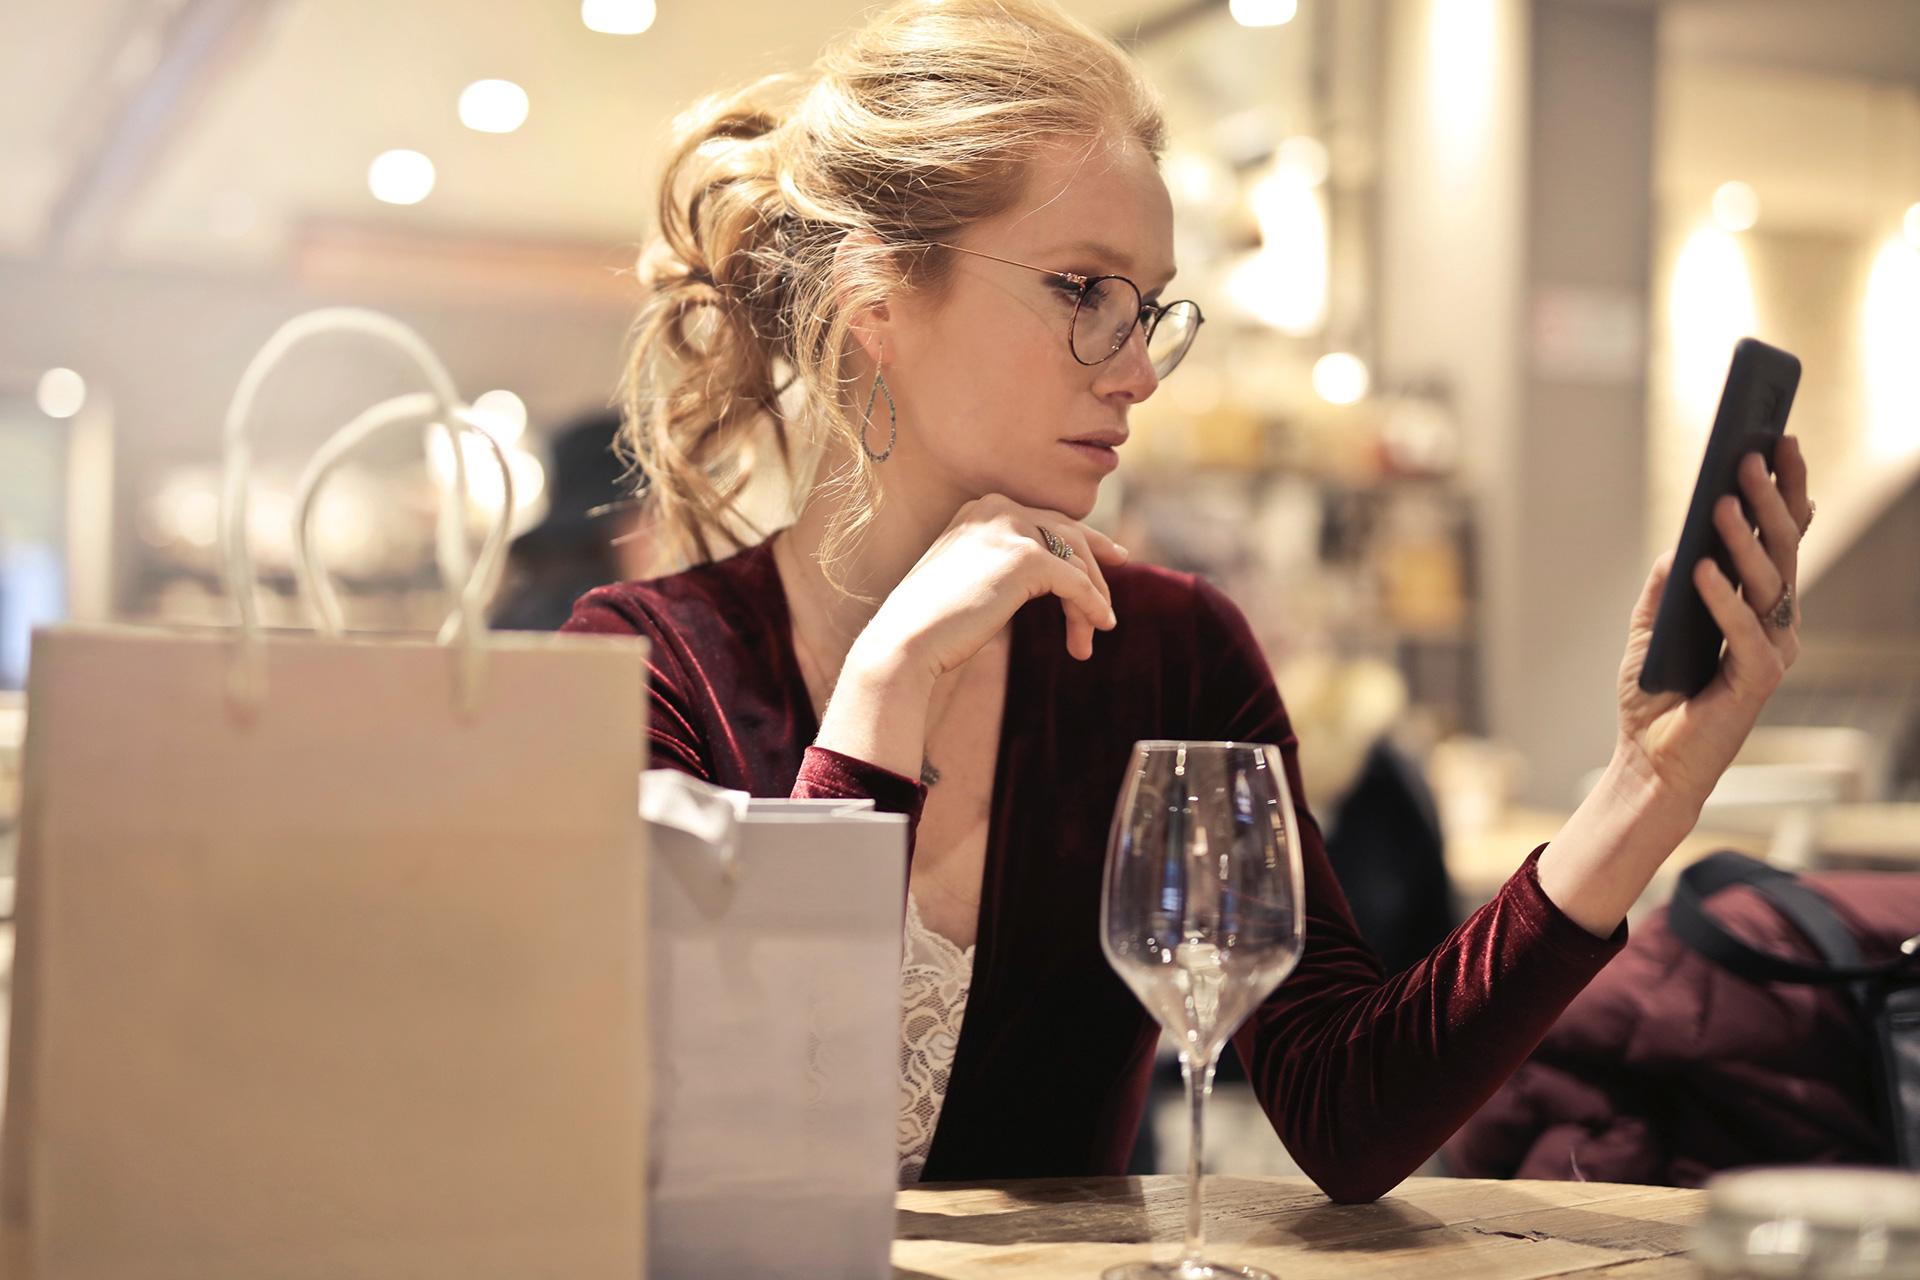 Мога ли да пия вино след фейслифт?